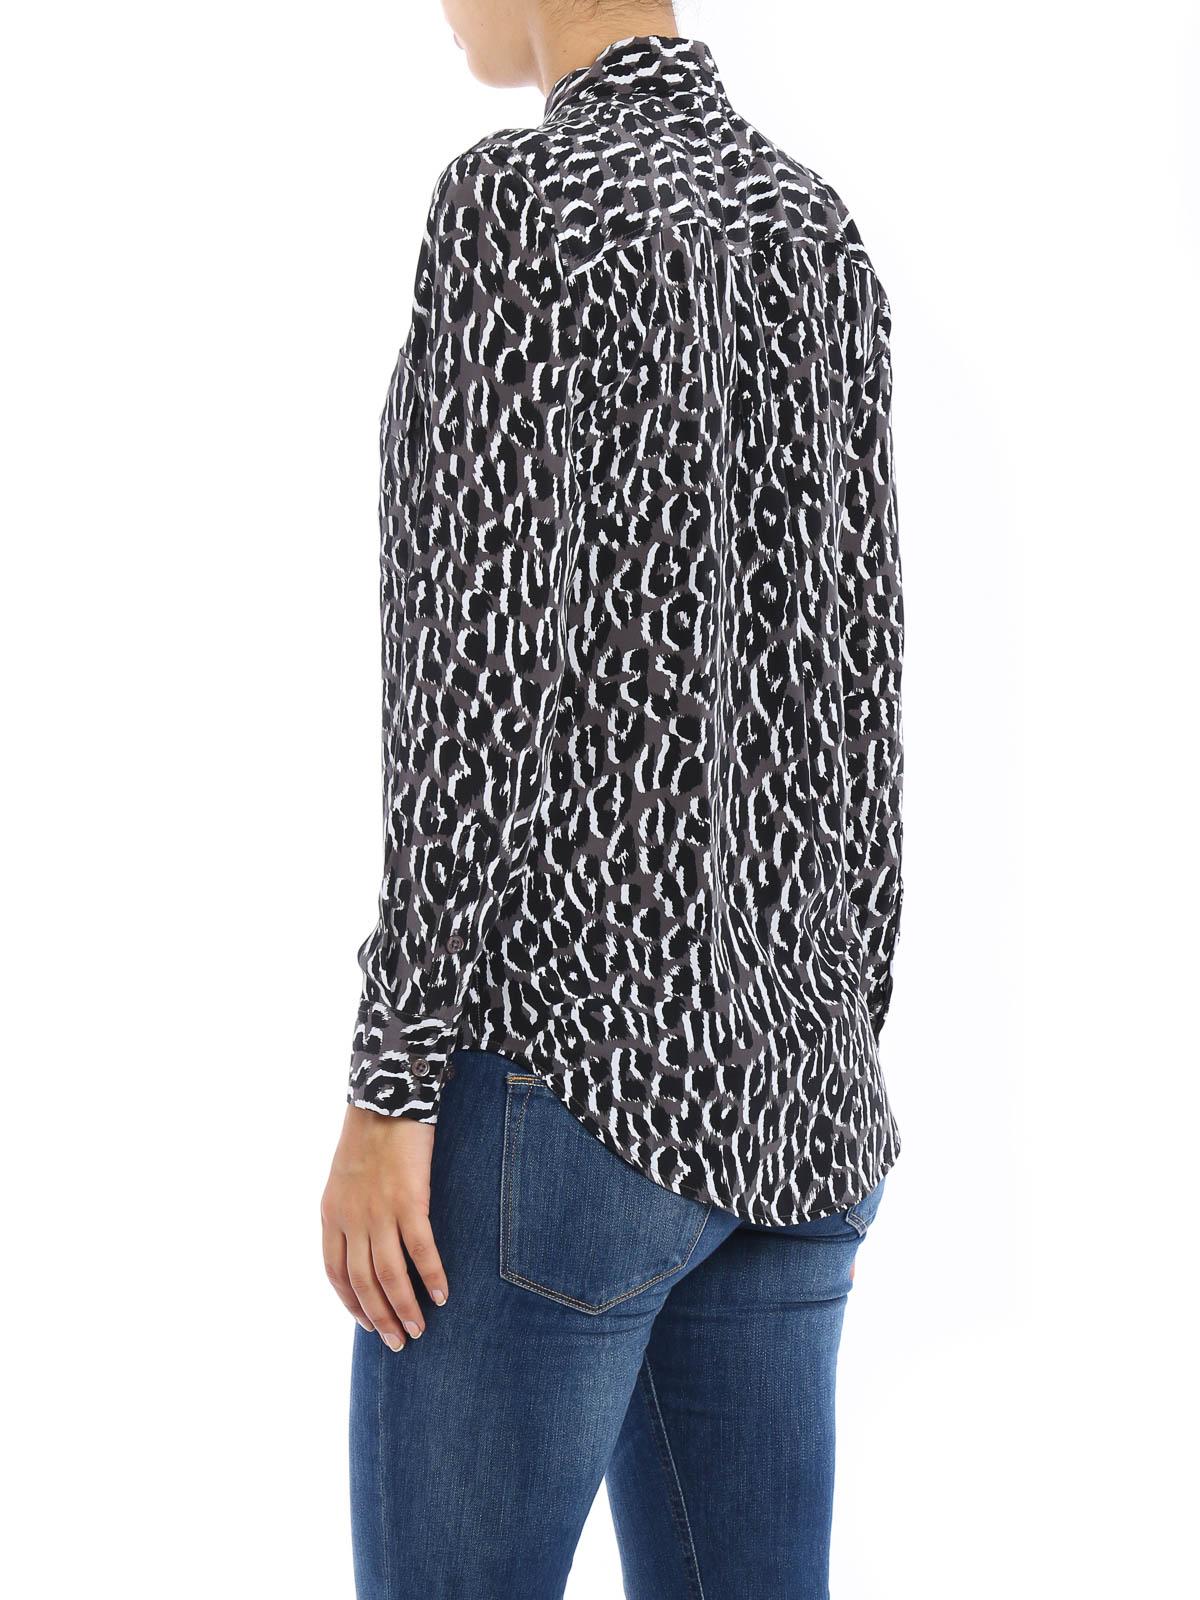 3a471b643 Equipment - Camisa Gris Para Mujer - Camisas - Q2397 E231